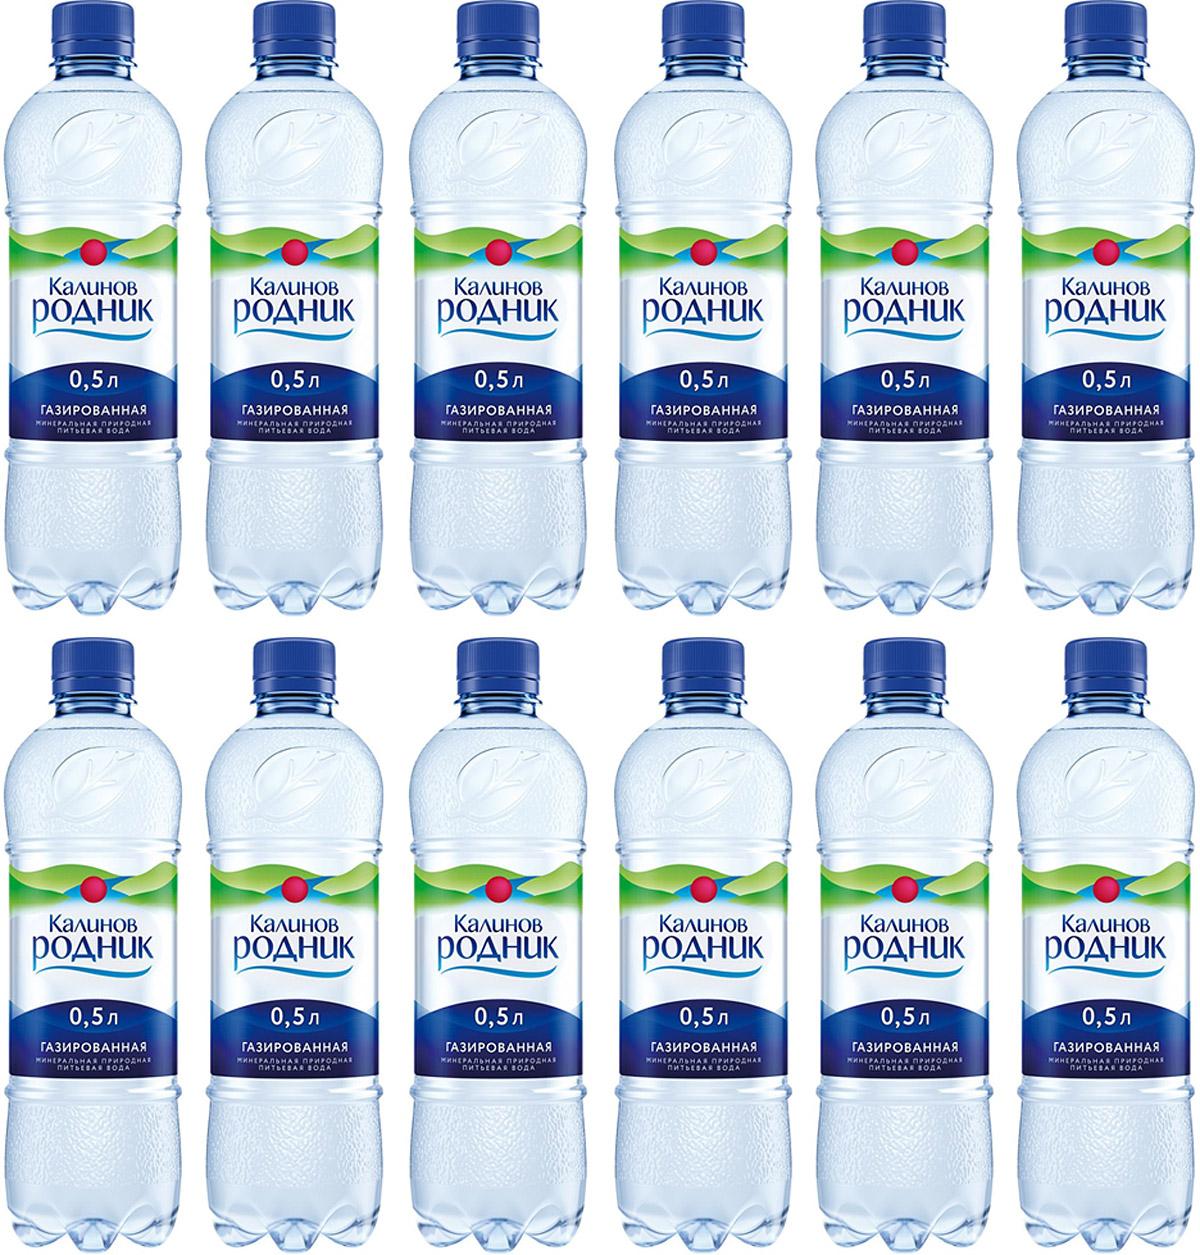 Калинов Родник минеральная питьевая газированная вода, 12 шт по 0,5 л 4607050693327